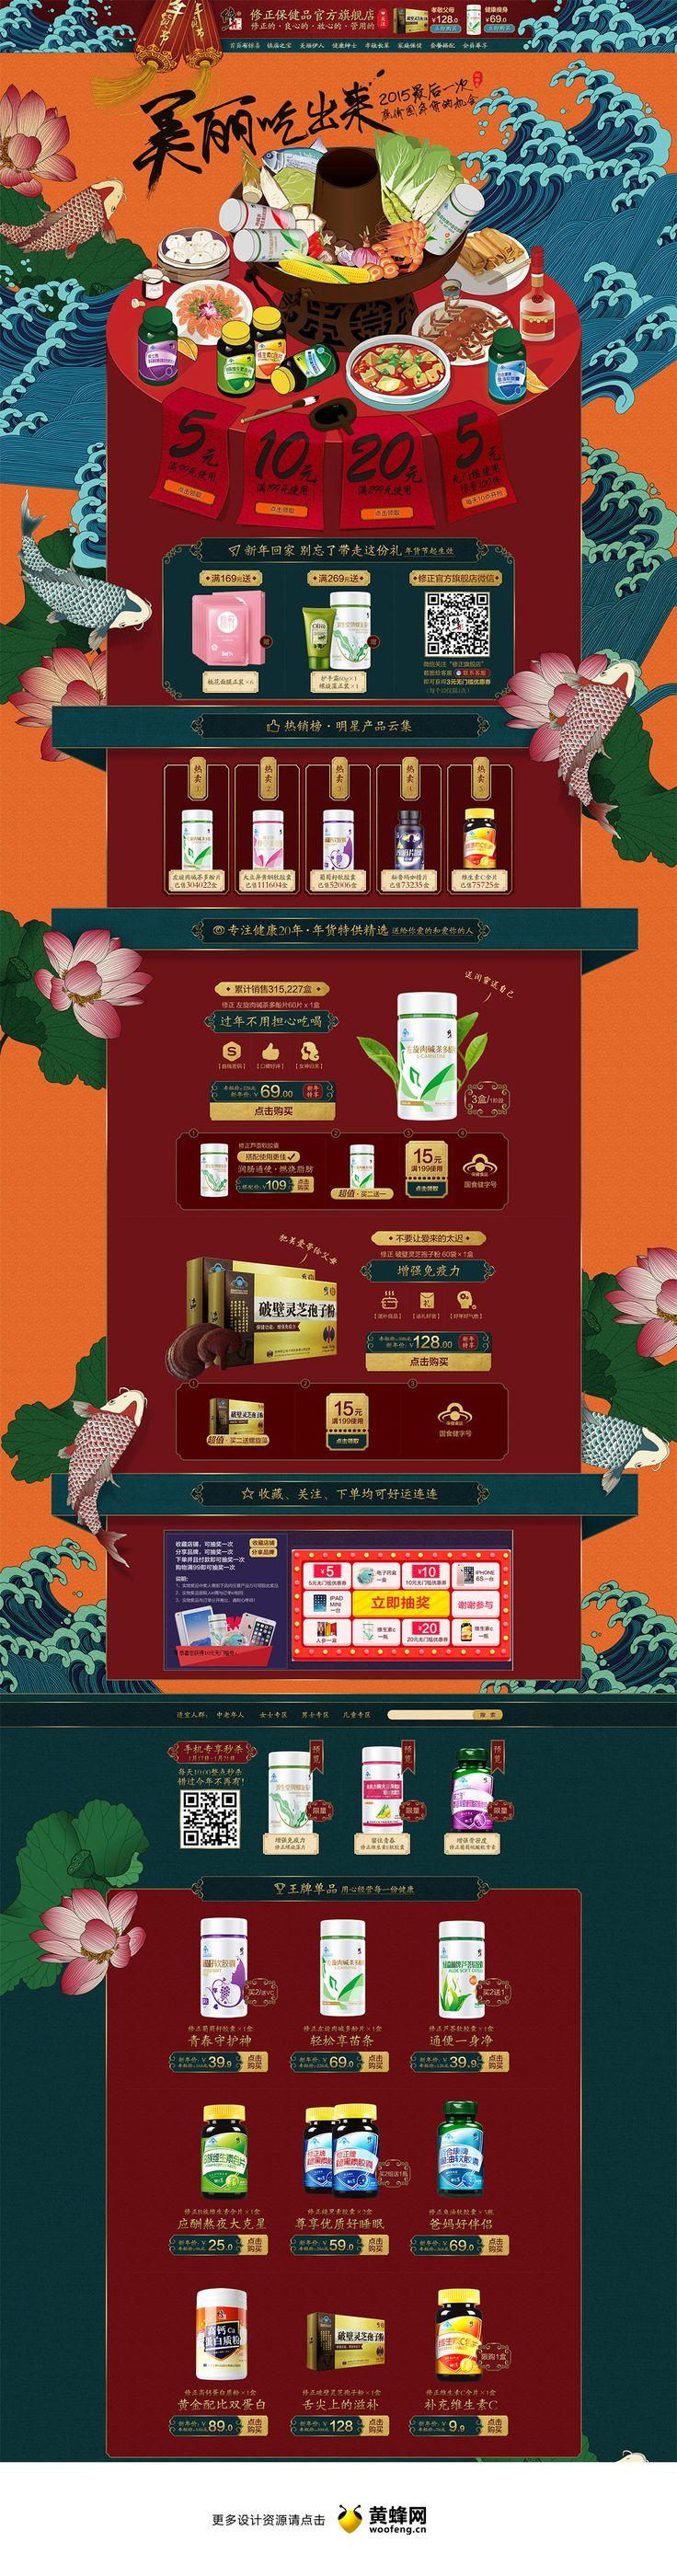 修正营养保健食品年货节活动专题,来源自黄蜂网http://woofeng.cn/